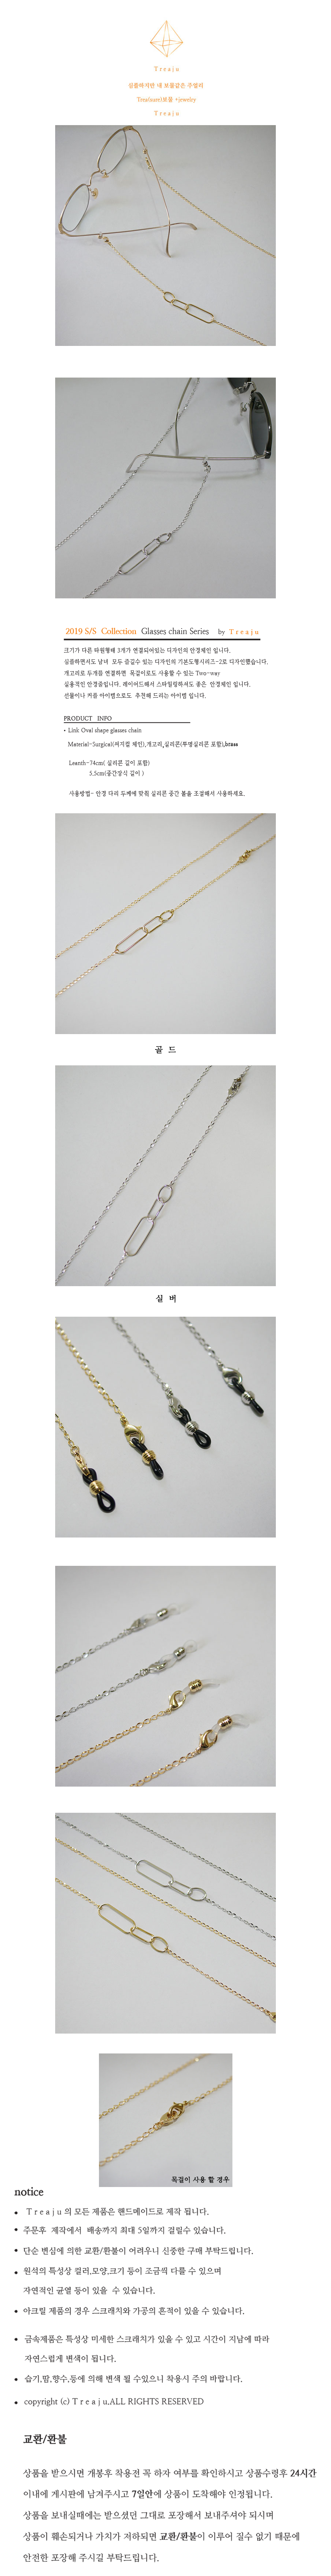 트레쥬(TREAJU) Link oval shape glasses chain